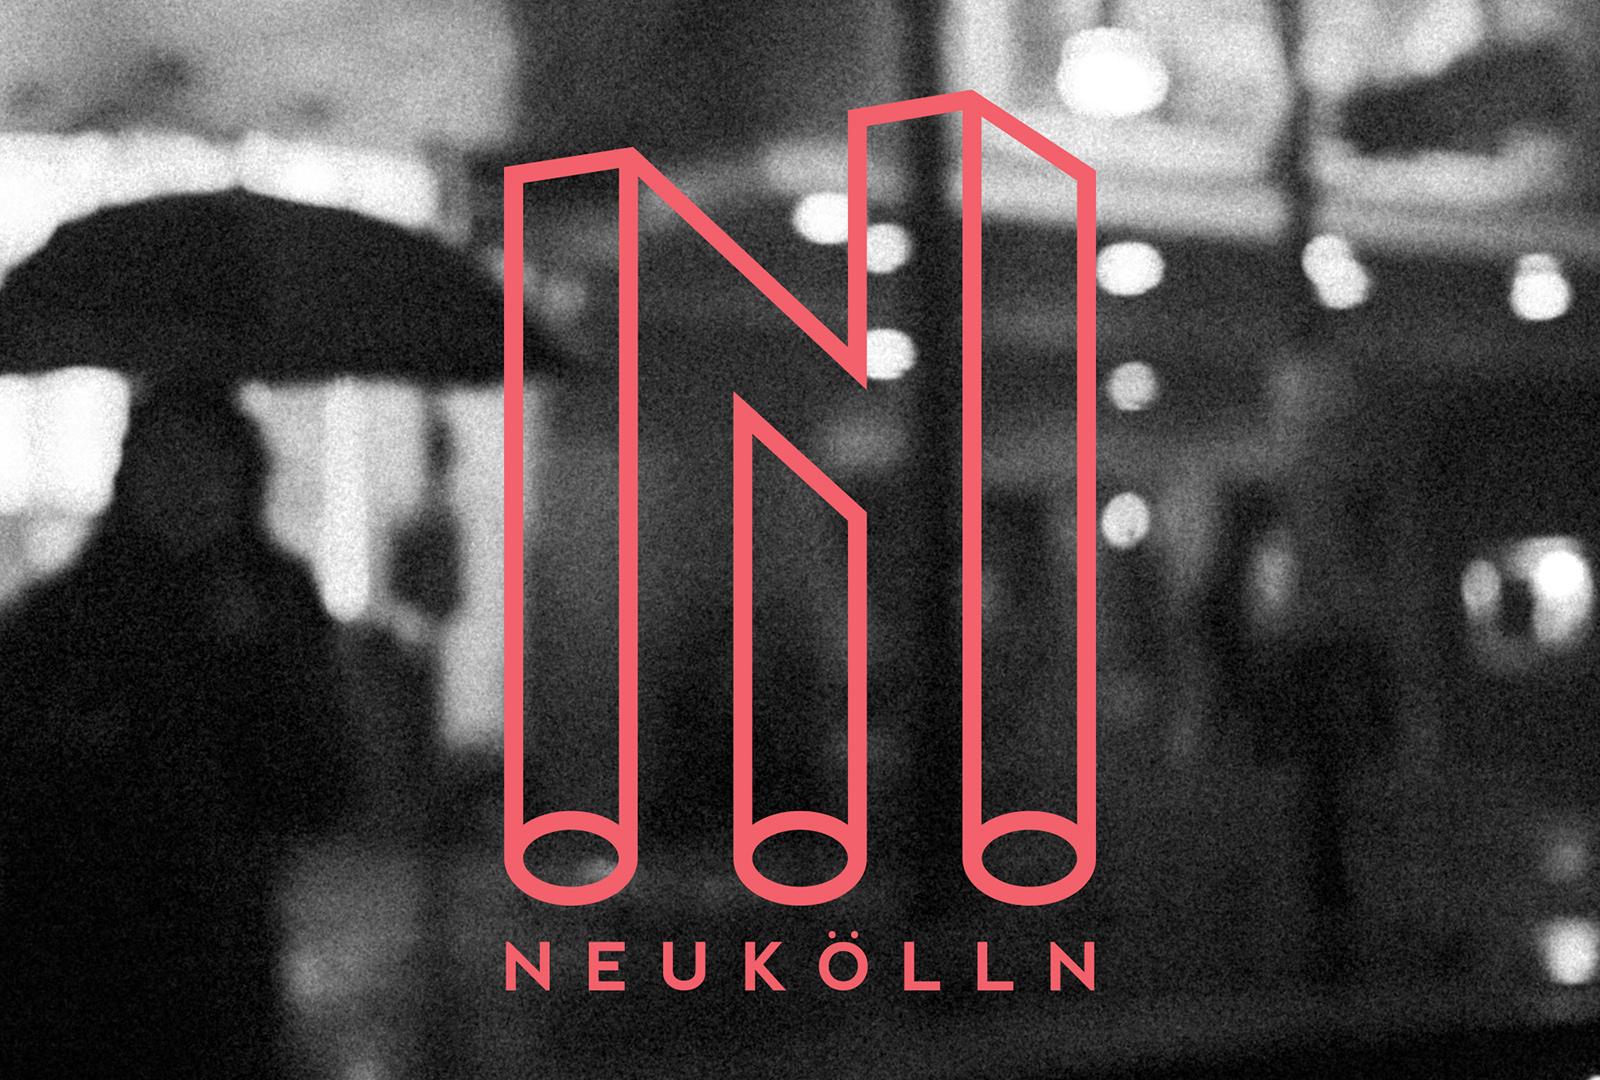 NEUKOLLN-1600018003